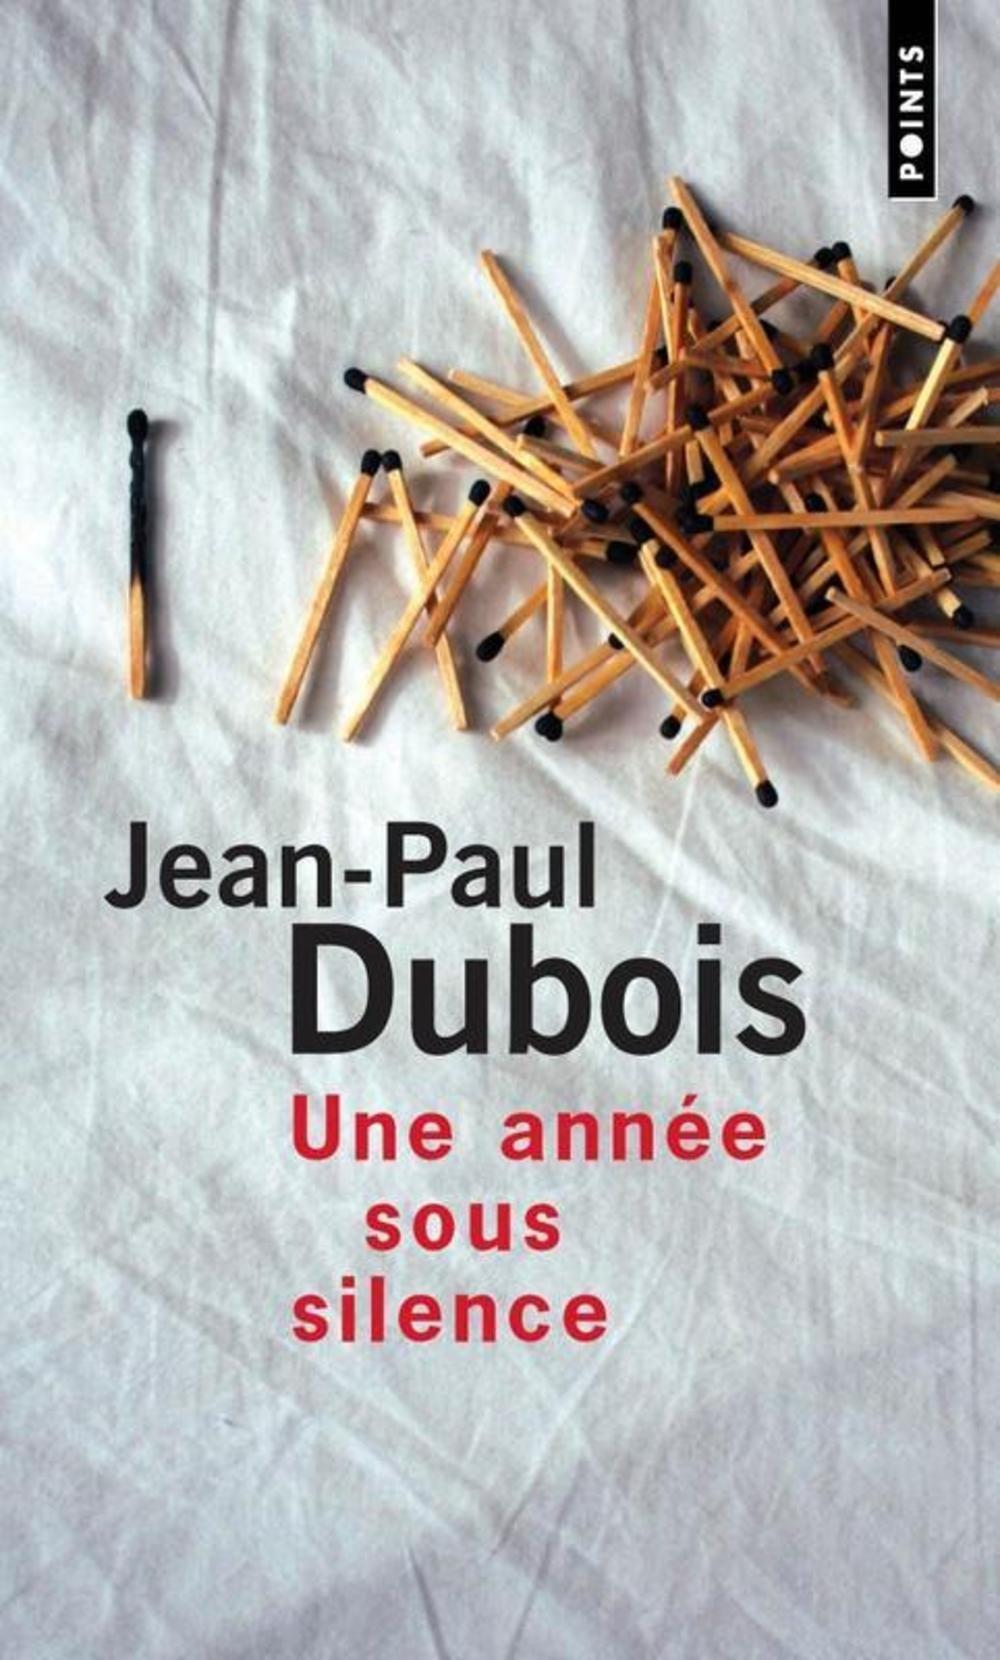 Une année sous silence: Jean-Paul Dubois: 9782020838412: Books - Amazon.ca